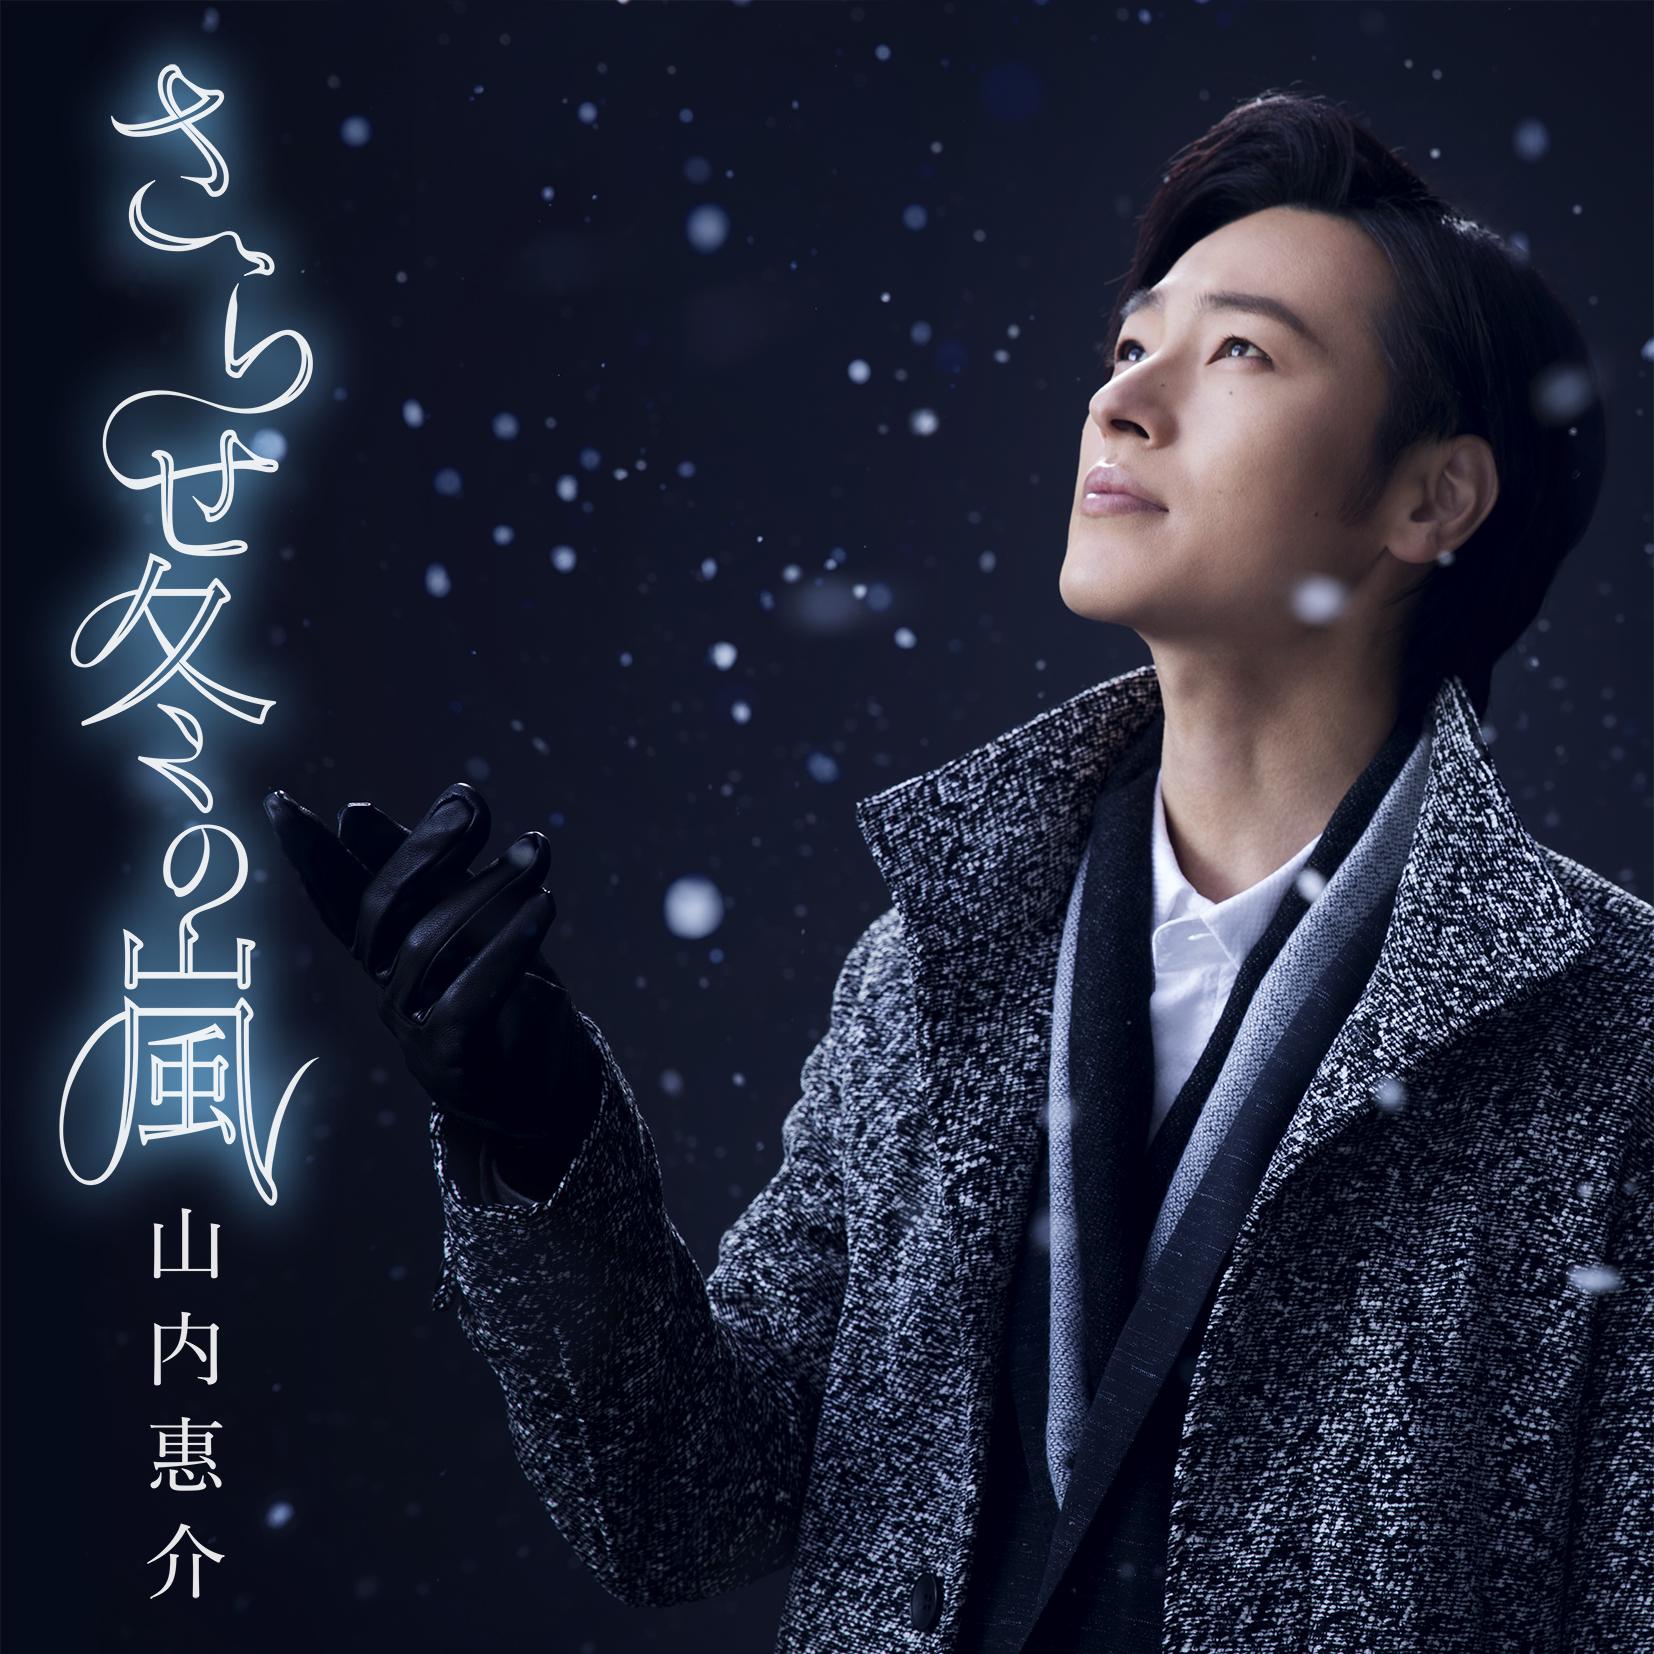 さらせ冬の嵐【唄盤】